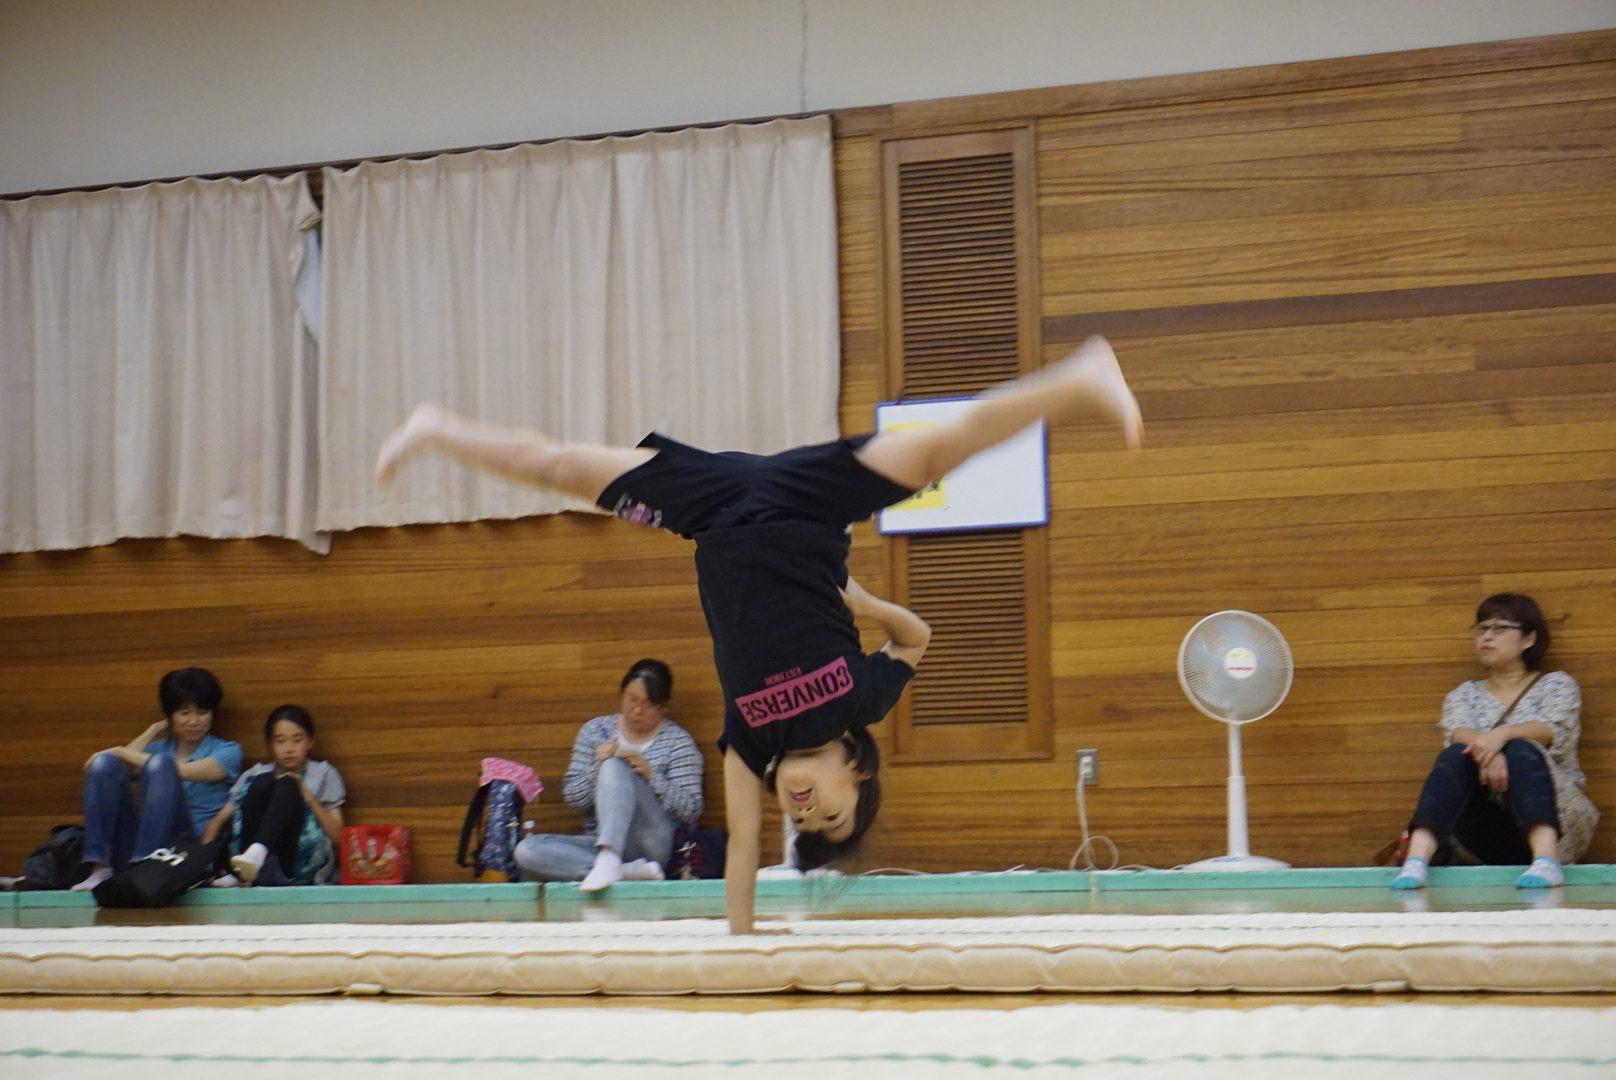 アクロバット体操